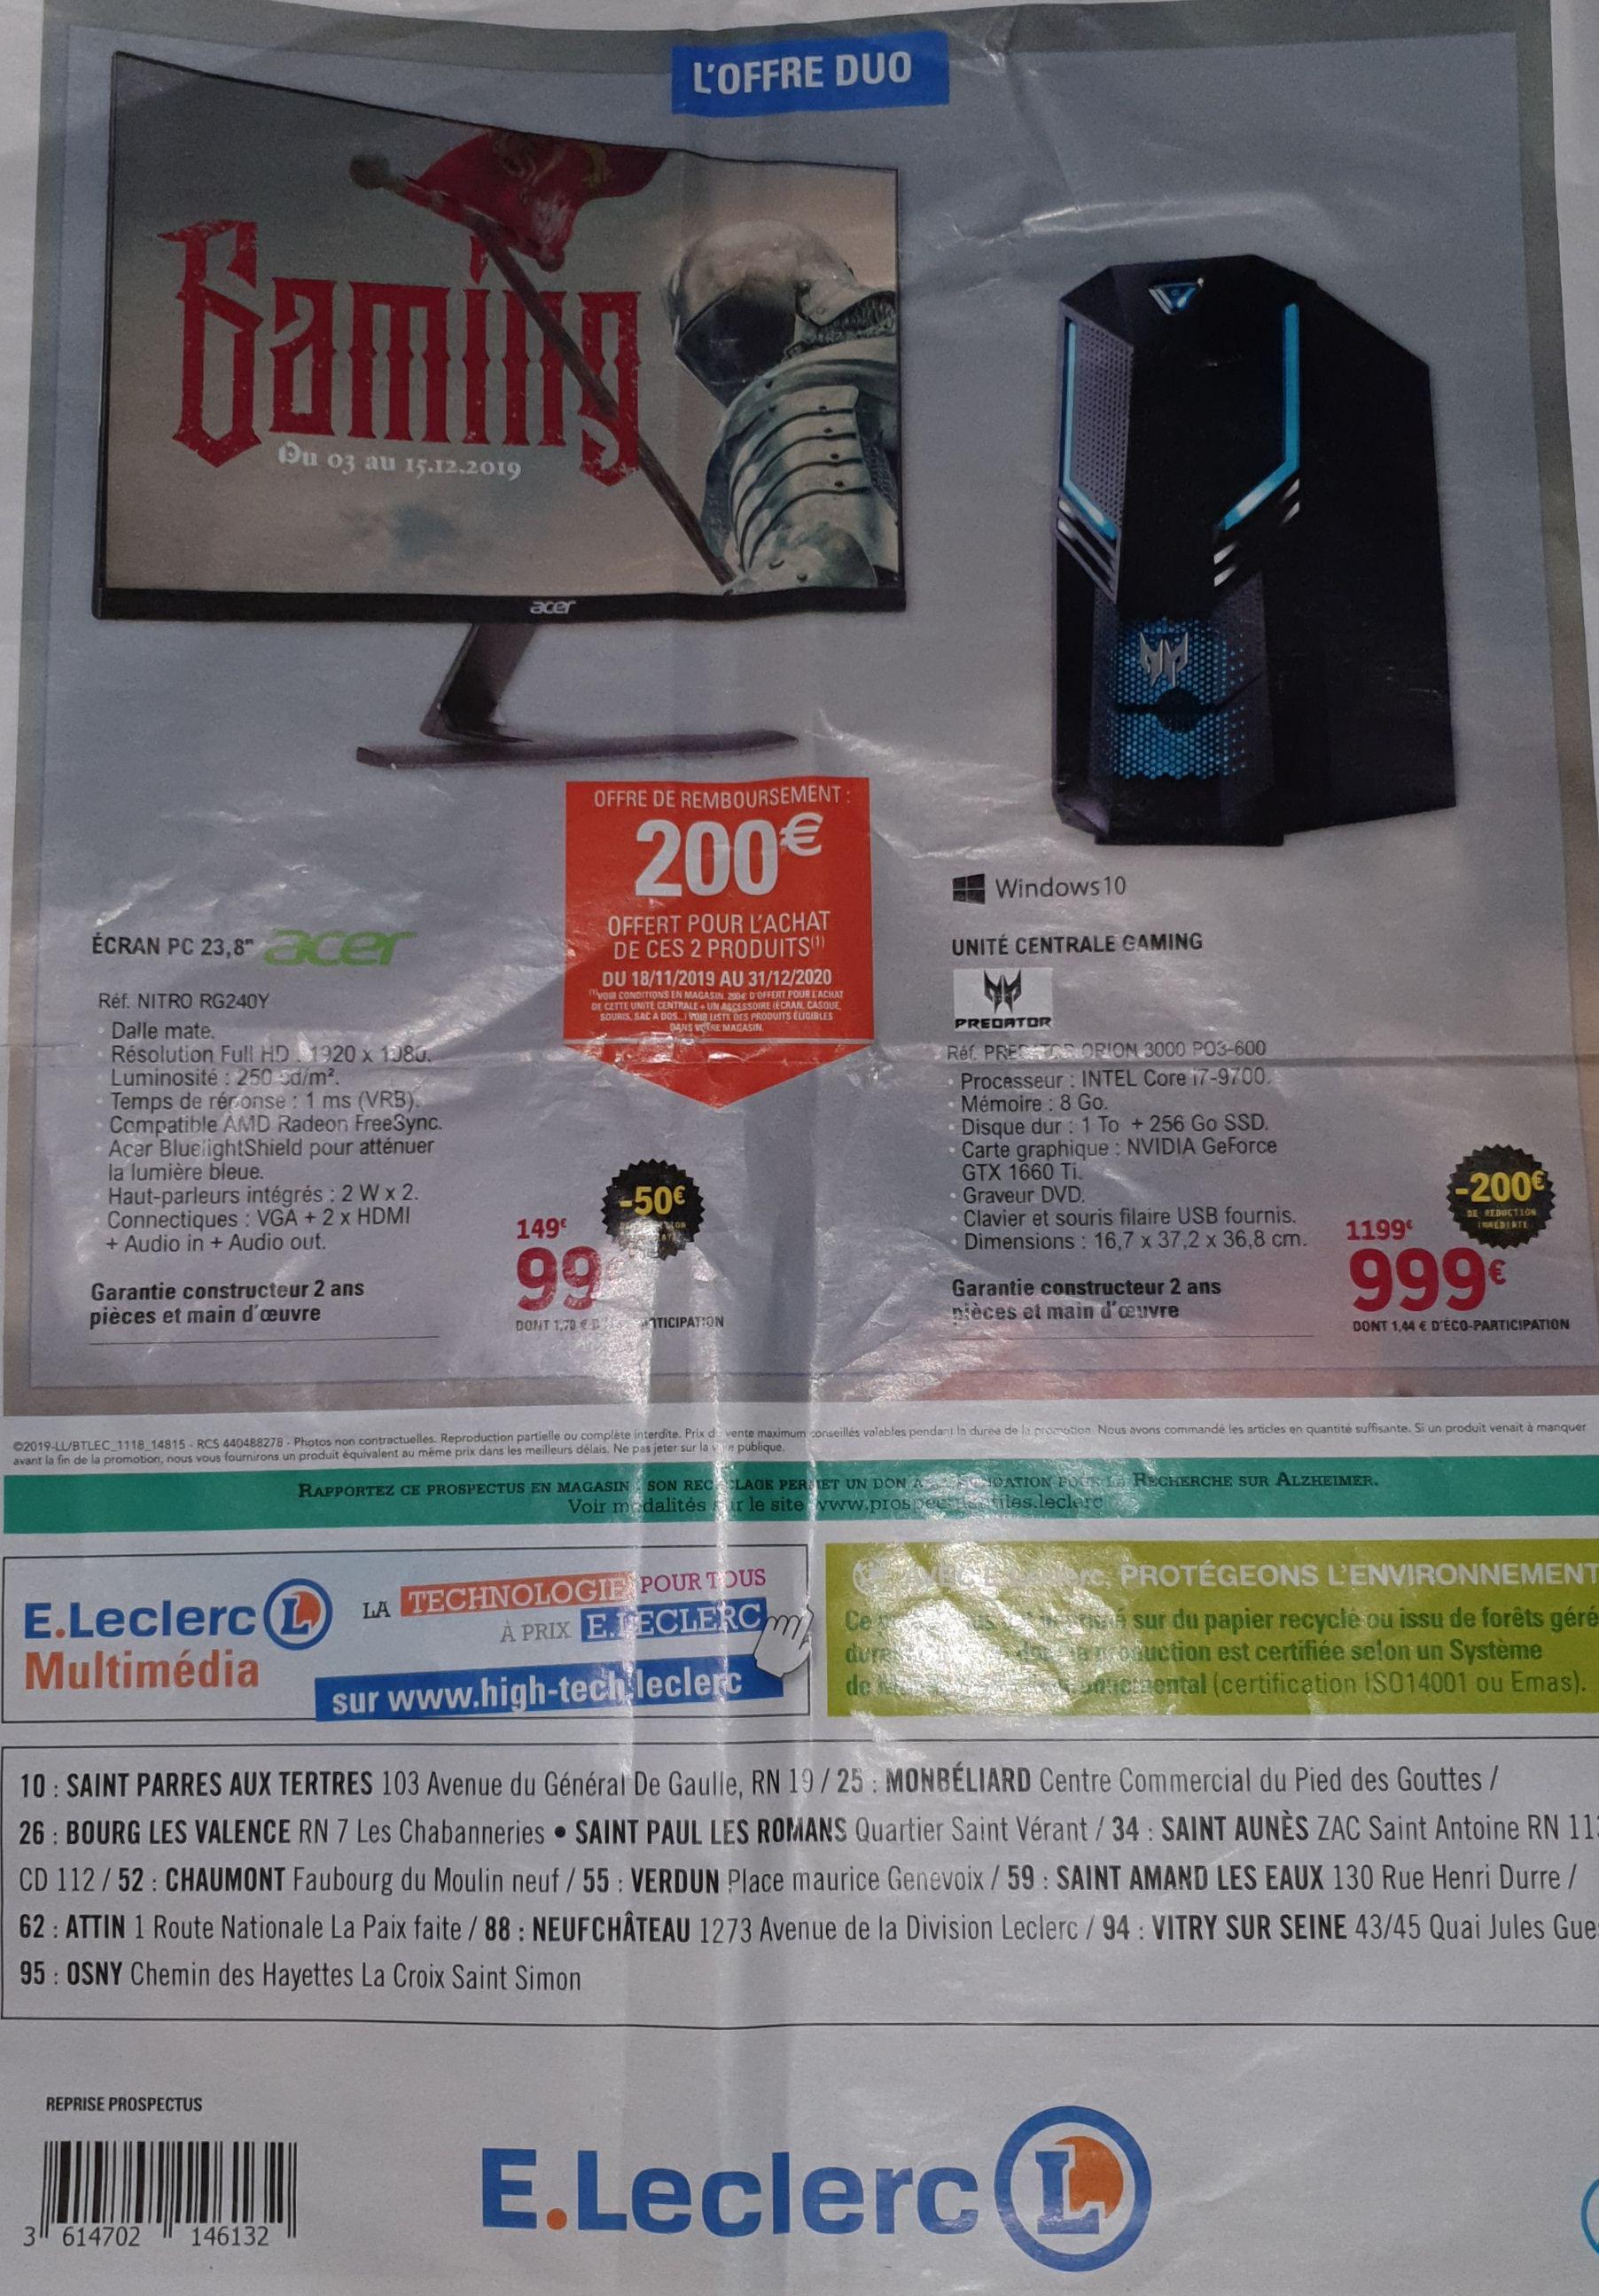 """Tour PC Acer Predator Orion 3000 (i7-9700, RAM 8 Go, 1To + SSD 256Go, GTX 1660 - 6 Go) + Ecran Acer 23.8"""" RG240Y - Full HD (via ODR de 200€)"""